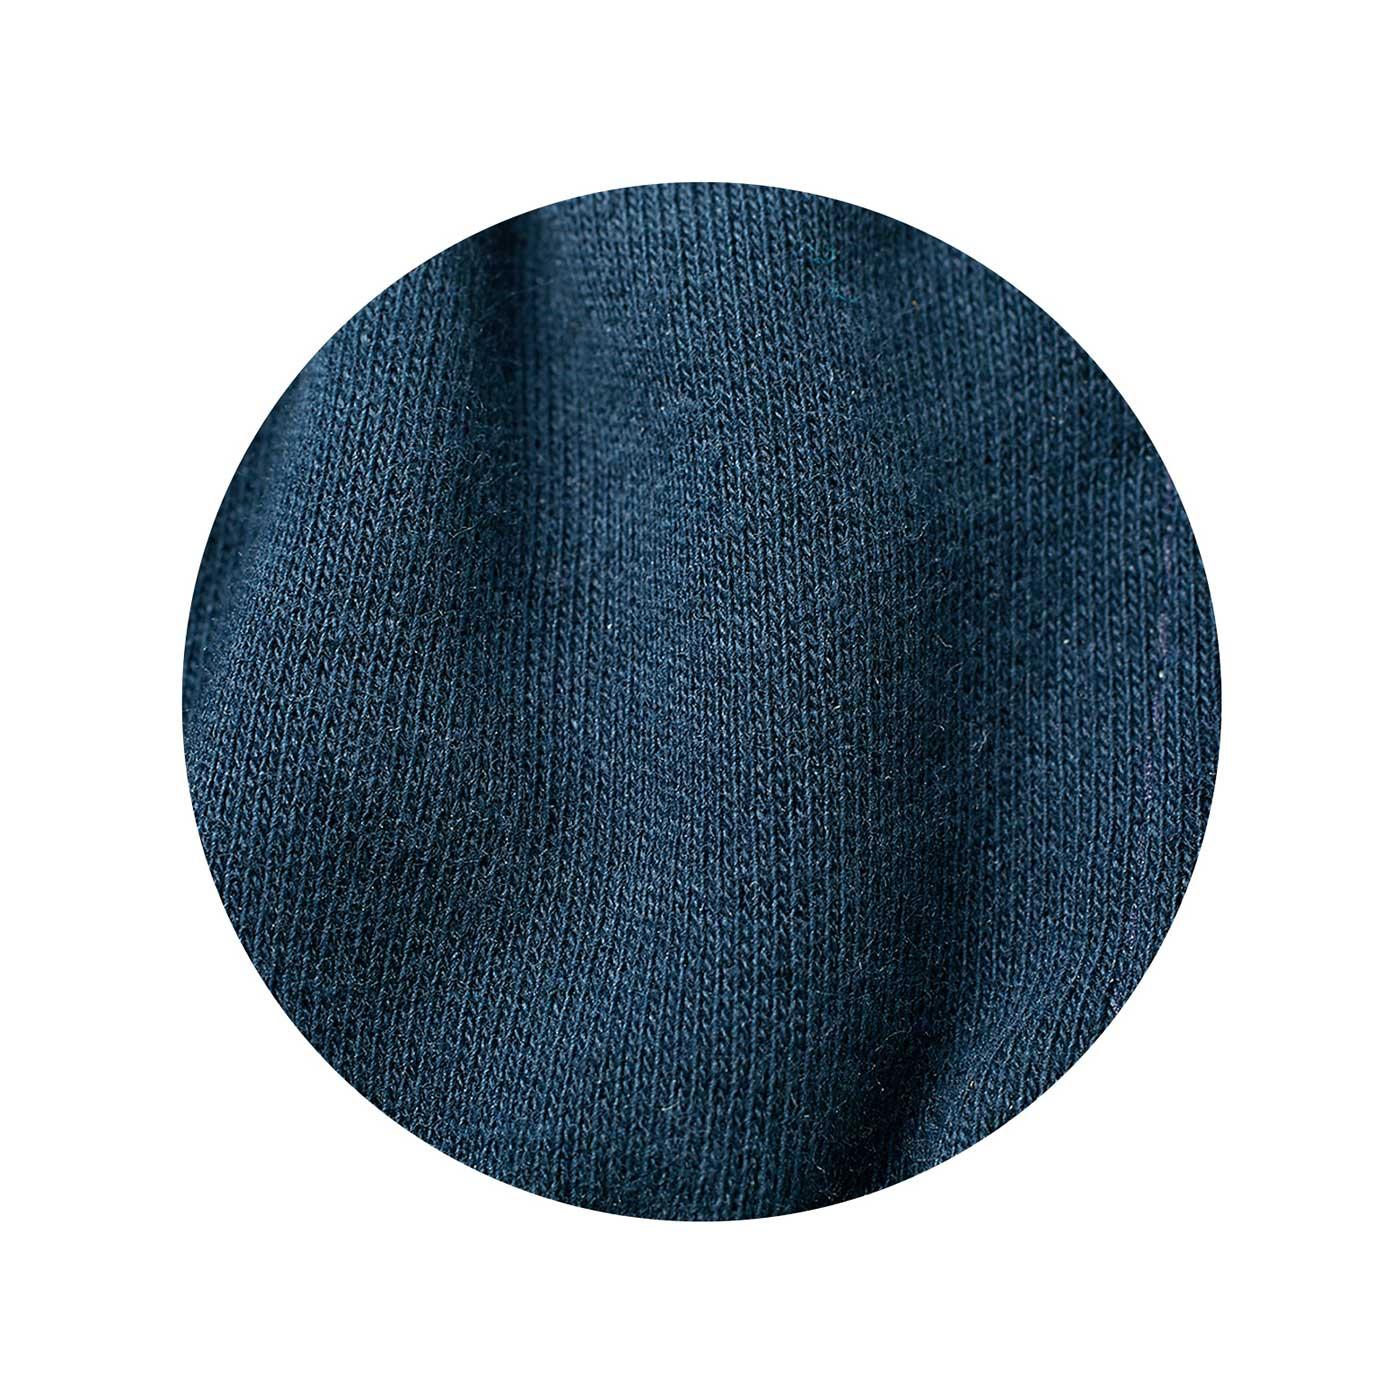 裏生地は綿100%で肌にやさしく。